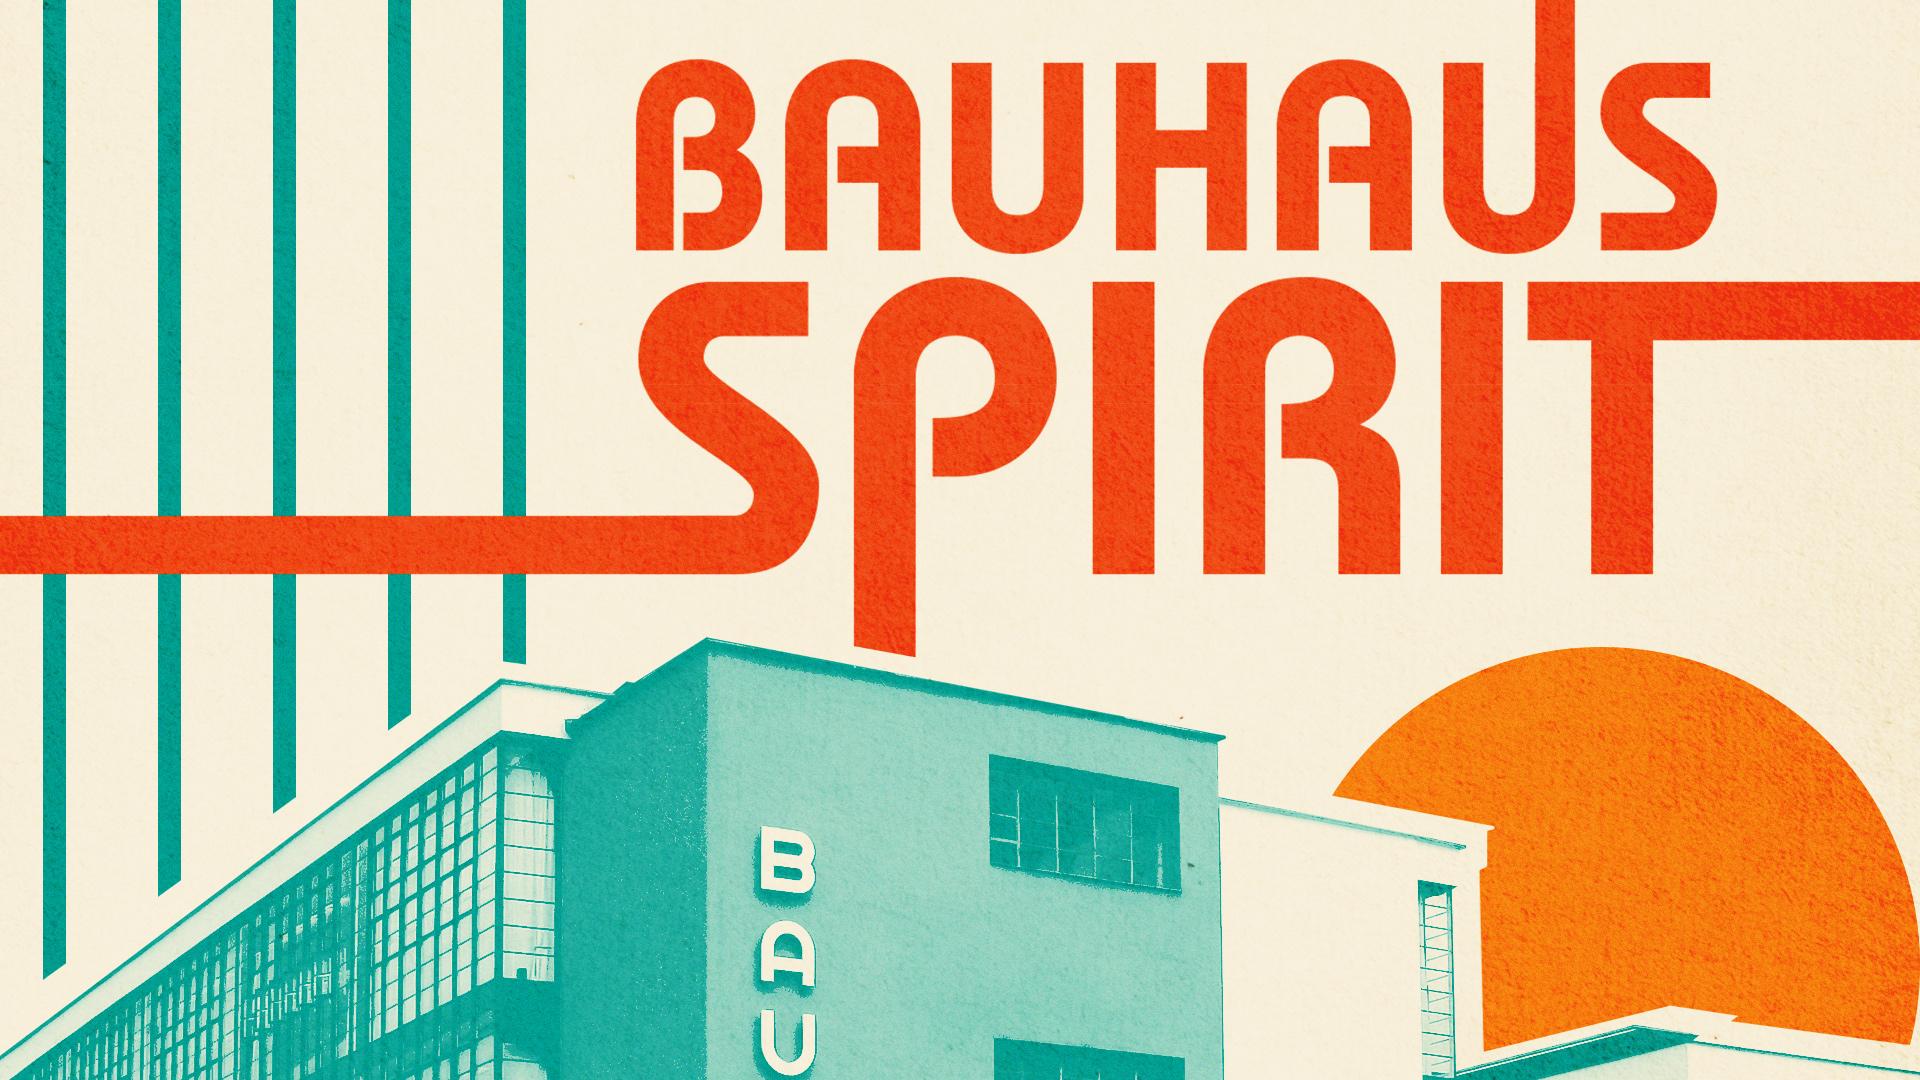 Bauhaus Spirit